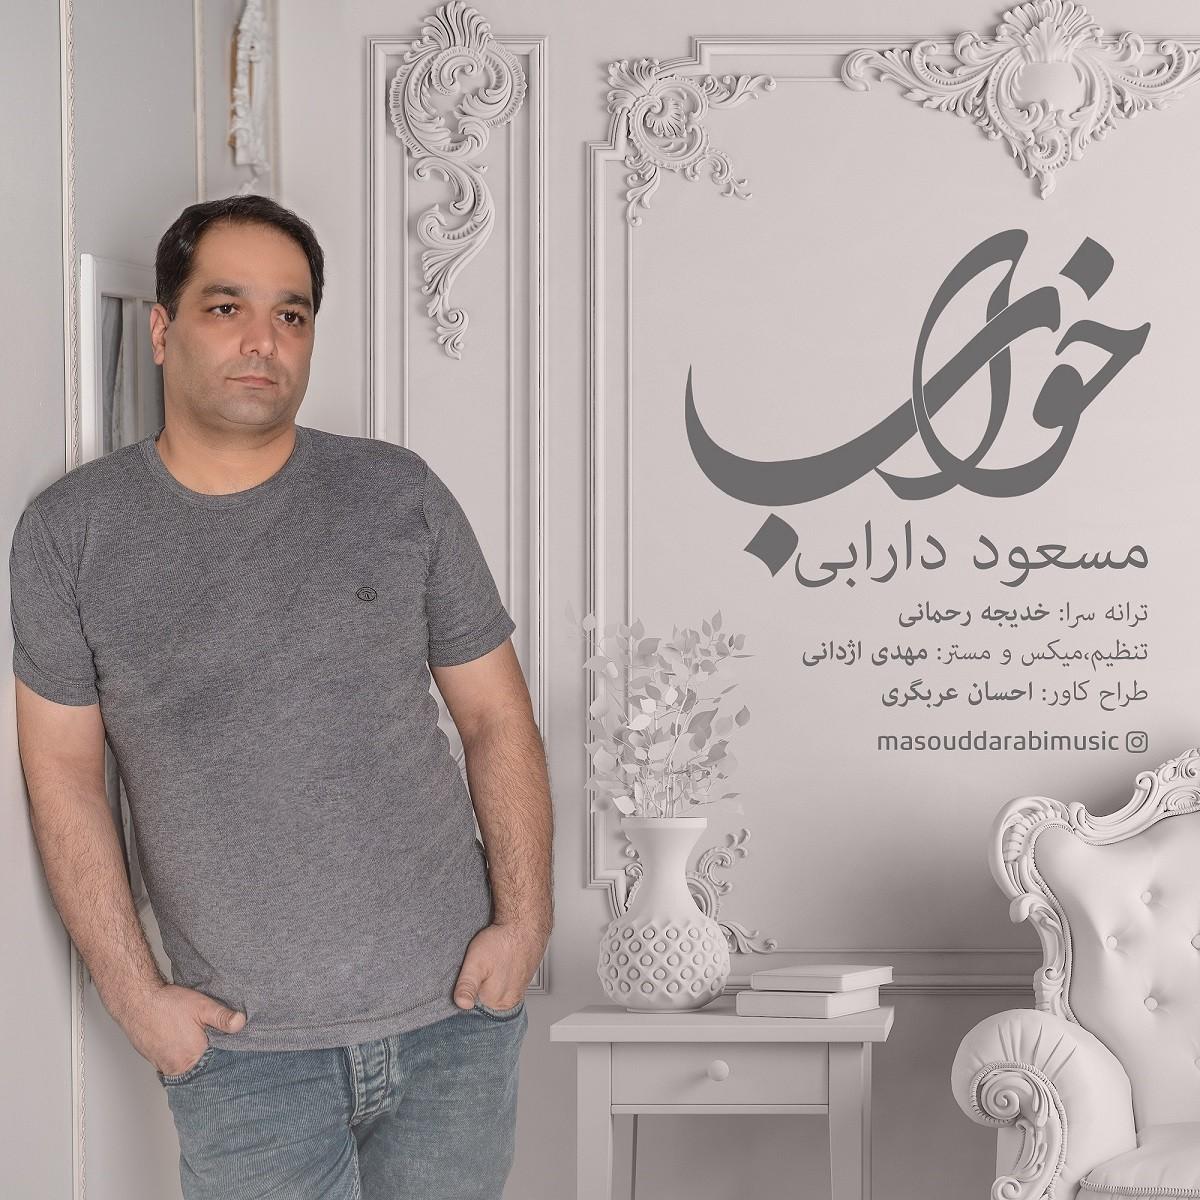 نامبر وان موزیک   دانلود آهنگ جدید Masoud-Darabi-Khab1